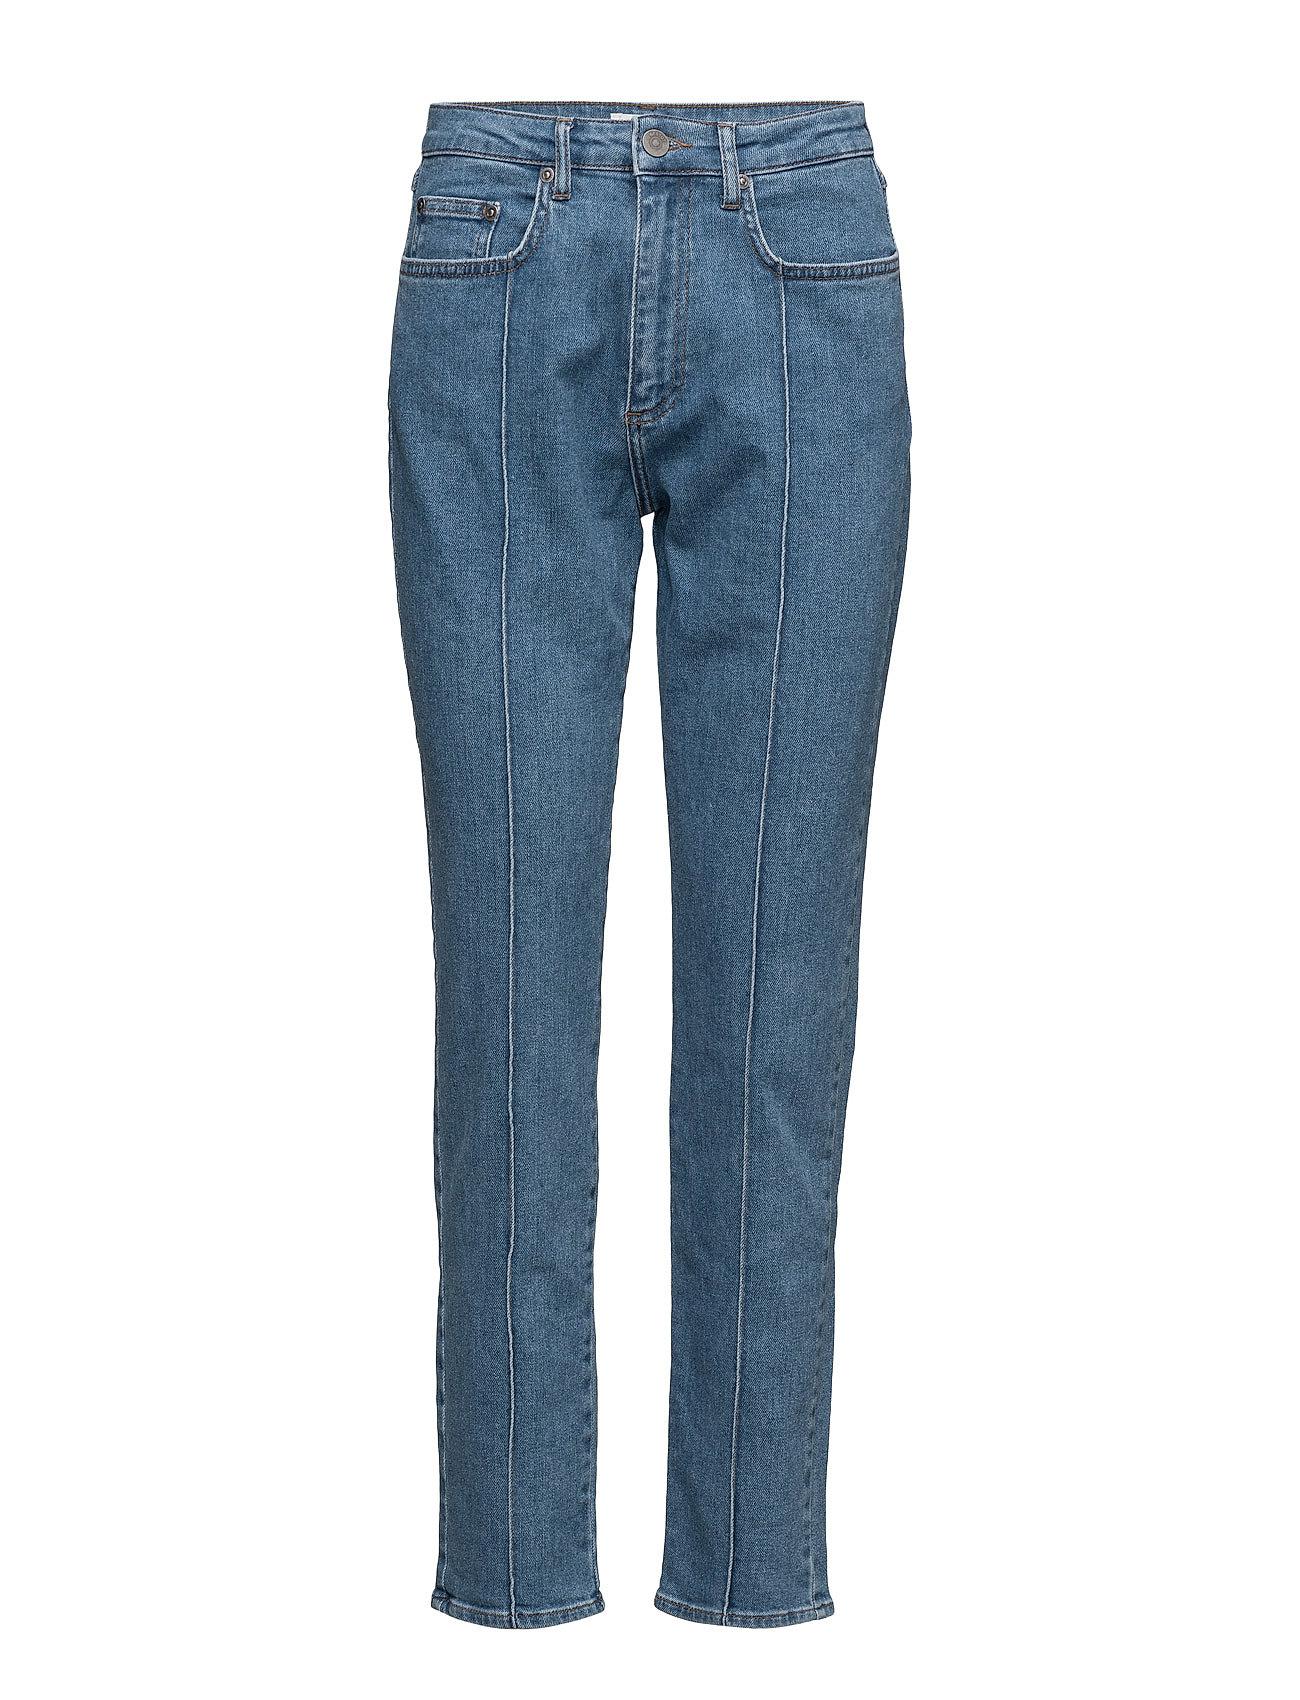 Gestuz Cecily jeans ZE3 16